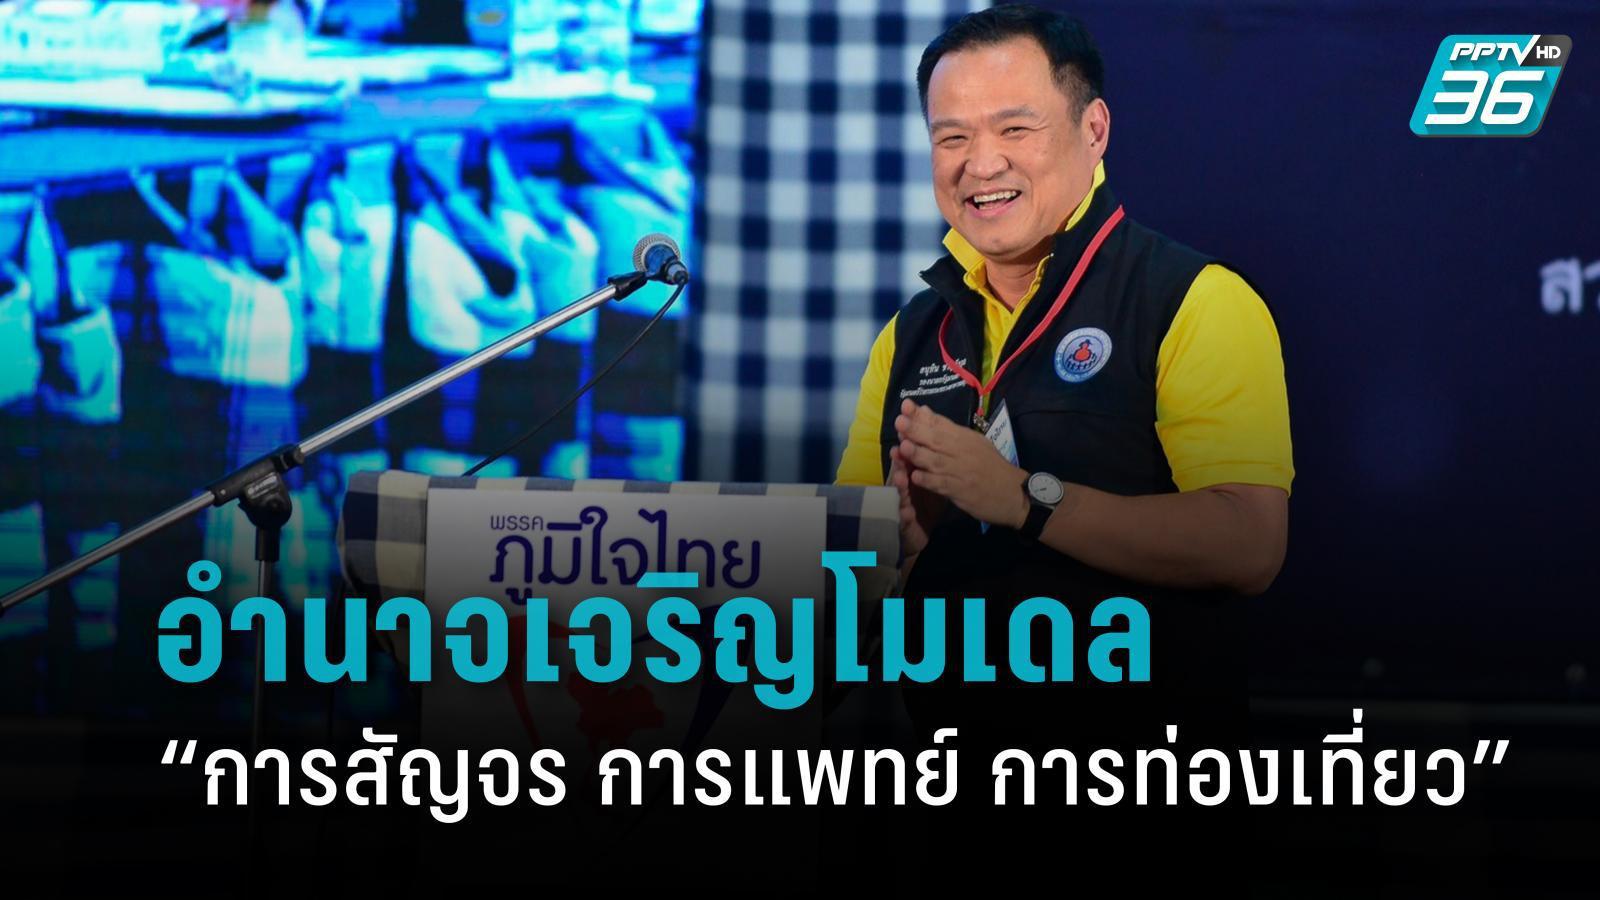 """""""ภูมิใจไทย"""" ชู อำนาจเจริญโมเดล พัฒนา""""การสัญจร การแพทย์ การท่องเที่ยว"""""""